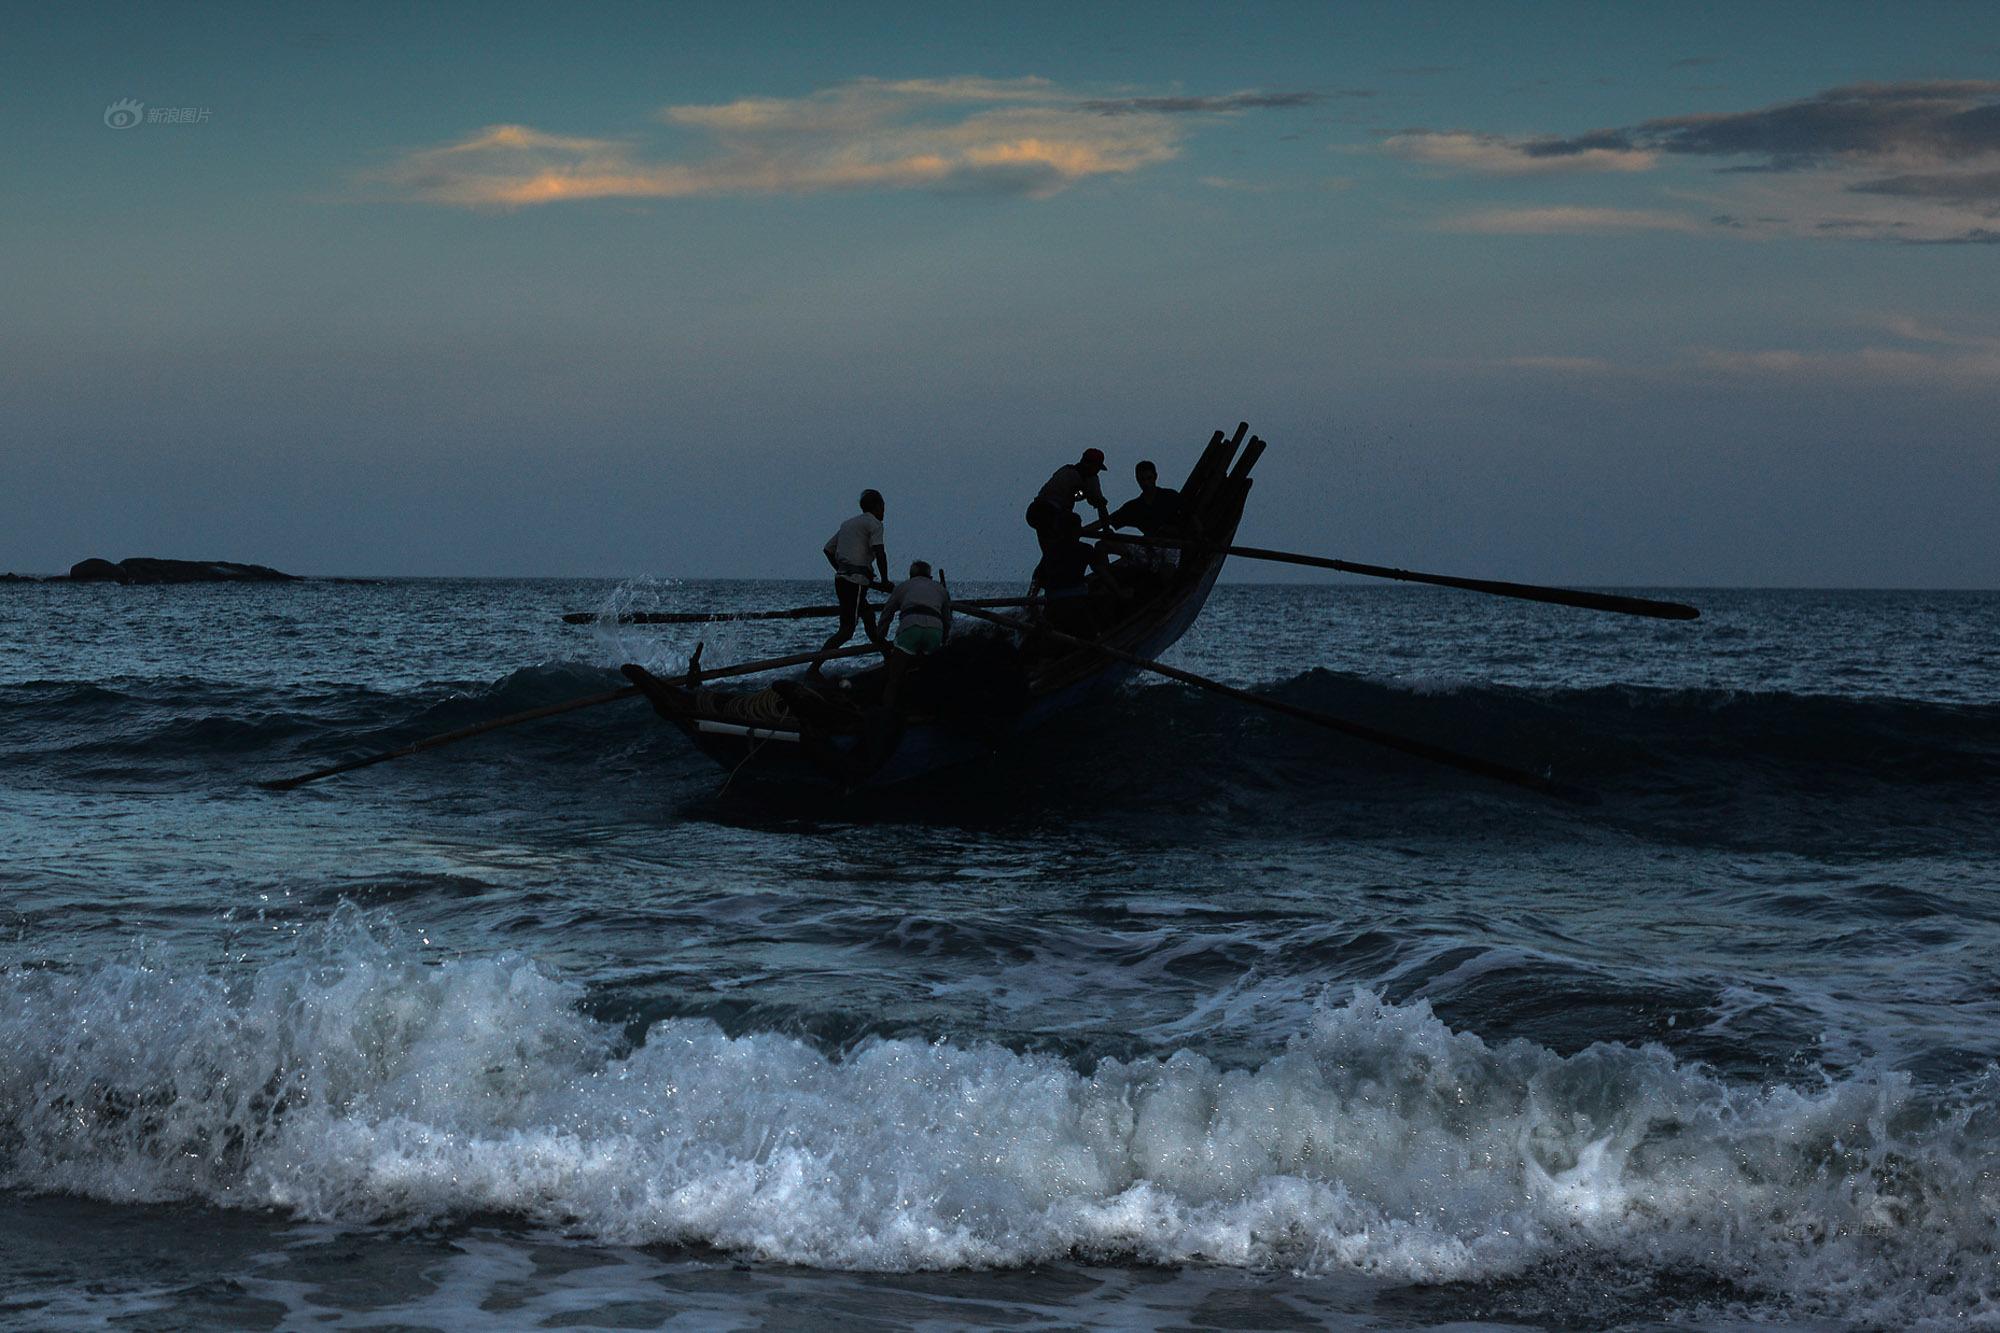 图/文 李颀拯   南屿,生活着一群老人,他们的年龄在50到82岁之间。老人们说,从他们小时候记事起,就开始在这片海滩上以捕鱼为生,这是从他们父辈们那传承下来的谋生方式。从春节后到中秋这段时间,他们采用的捕捞方法叫拉山网。这在福建沿海一带是一种已经传承了上千年的捕鱼方式。整个捕捞过程没有任何机械化的工具,哪怕行船,也靠人力。   南屿,一处美丽、纯净的地方   这是福建漳州市东山县的一个海岛,这片海滩所处的位置,当地人有很多种叫法,有的叫礁作,有的叫河滩。海滩边有一些小平房,小平房大多已经租给小工厂,从